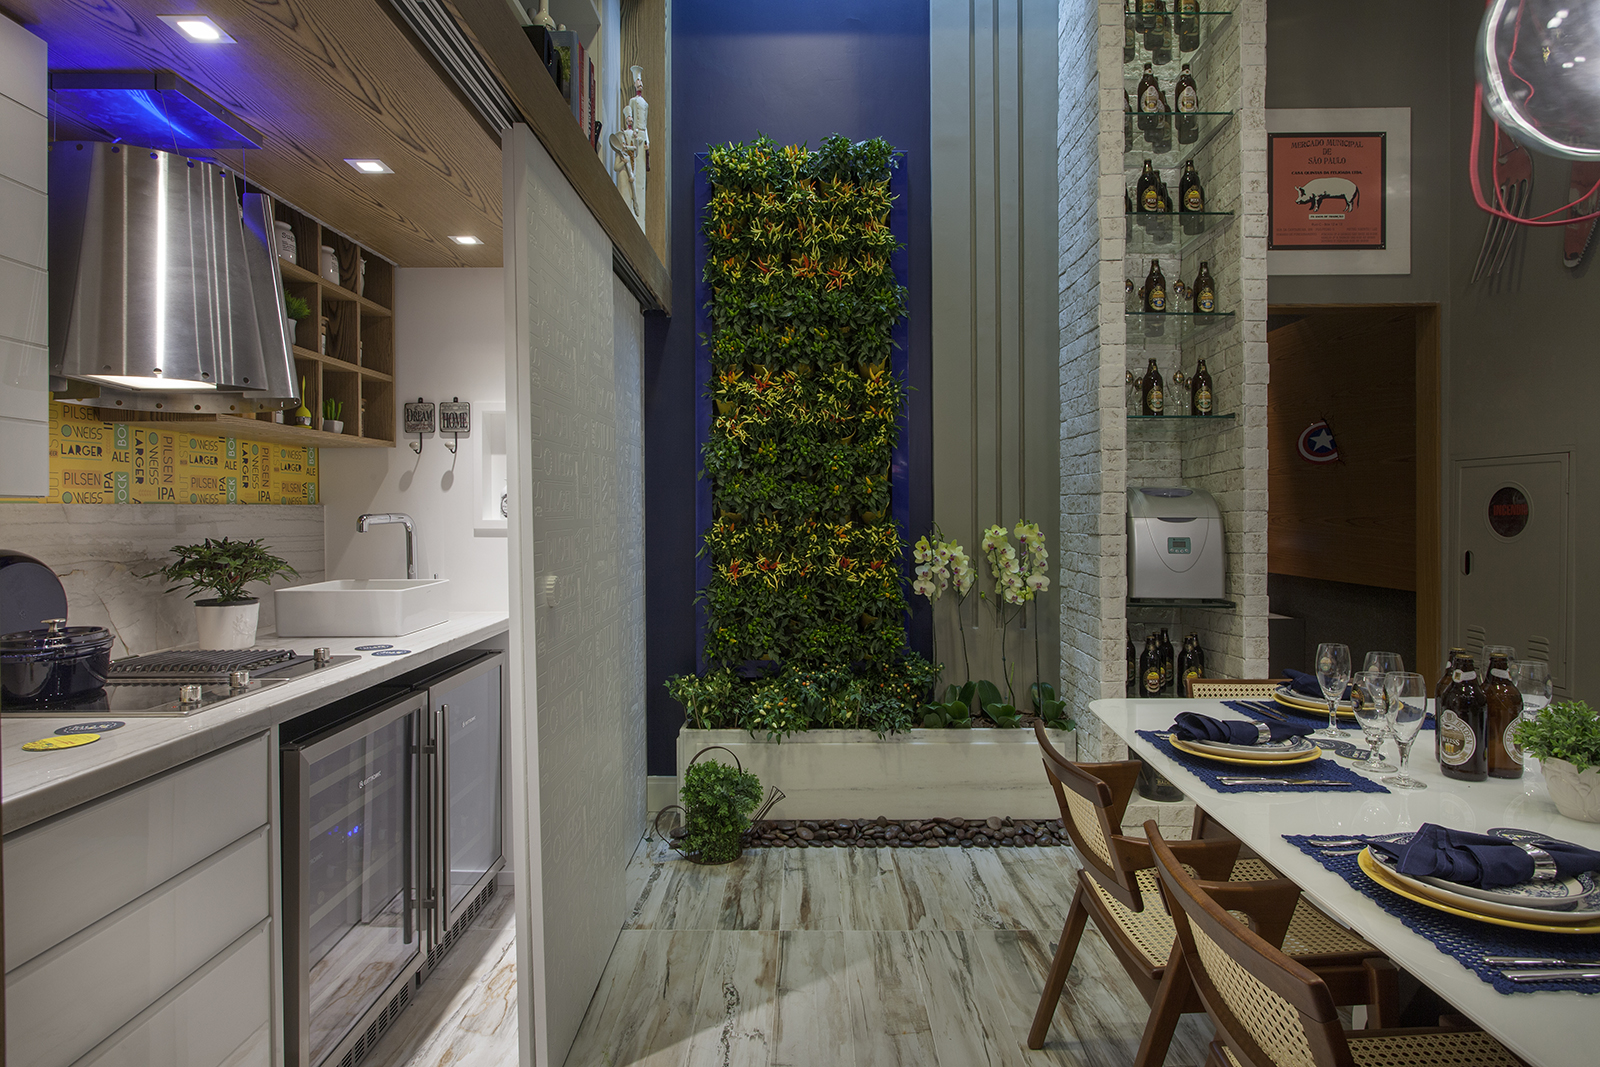 Decor Salteado Blog de Decoração e Arquitetura : Cozinha escondida  #393C73 1600 1067